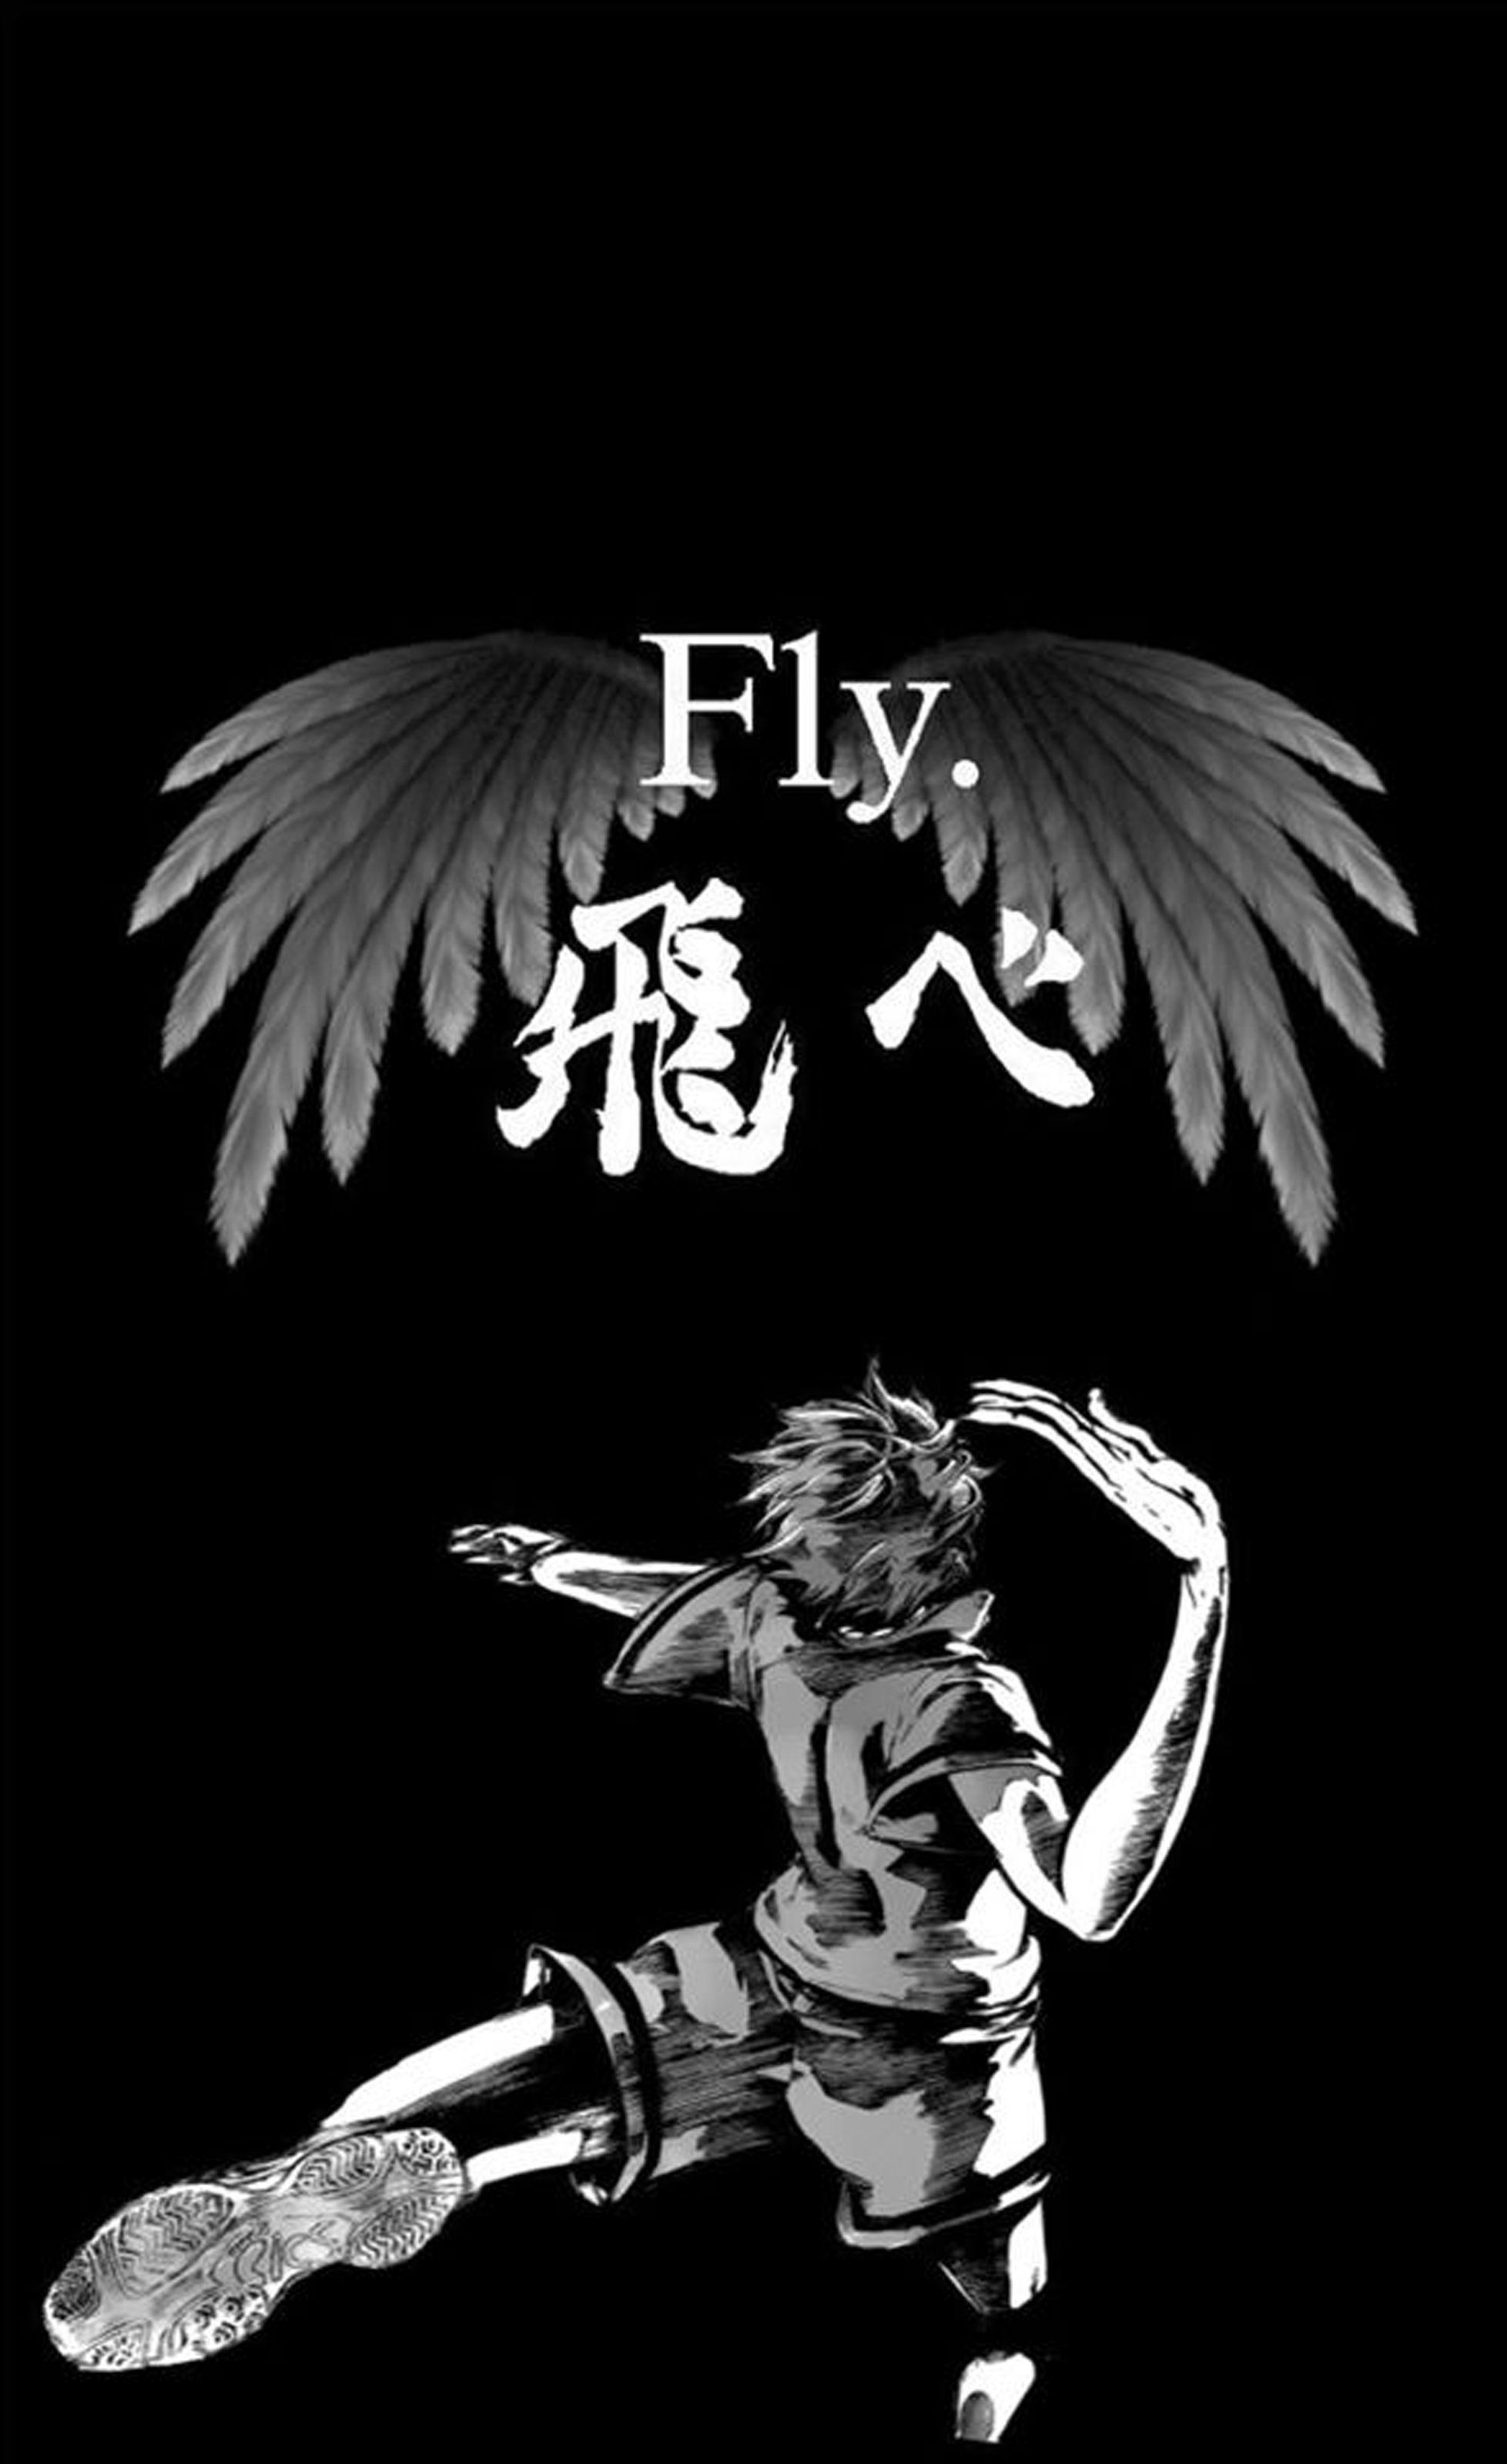 Fly High Hinata